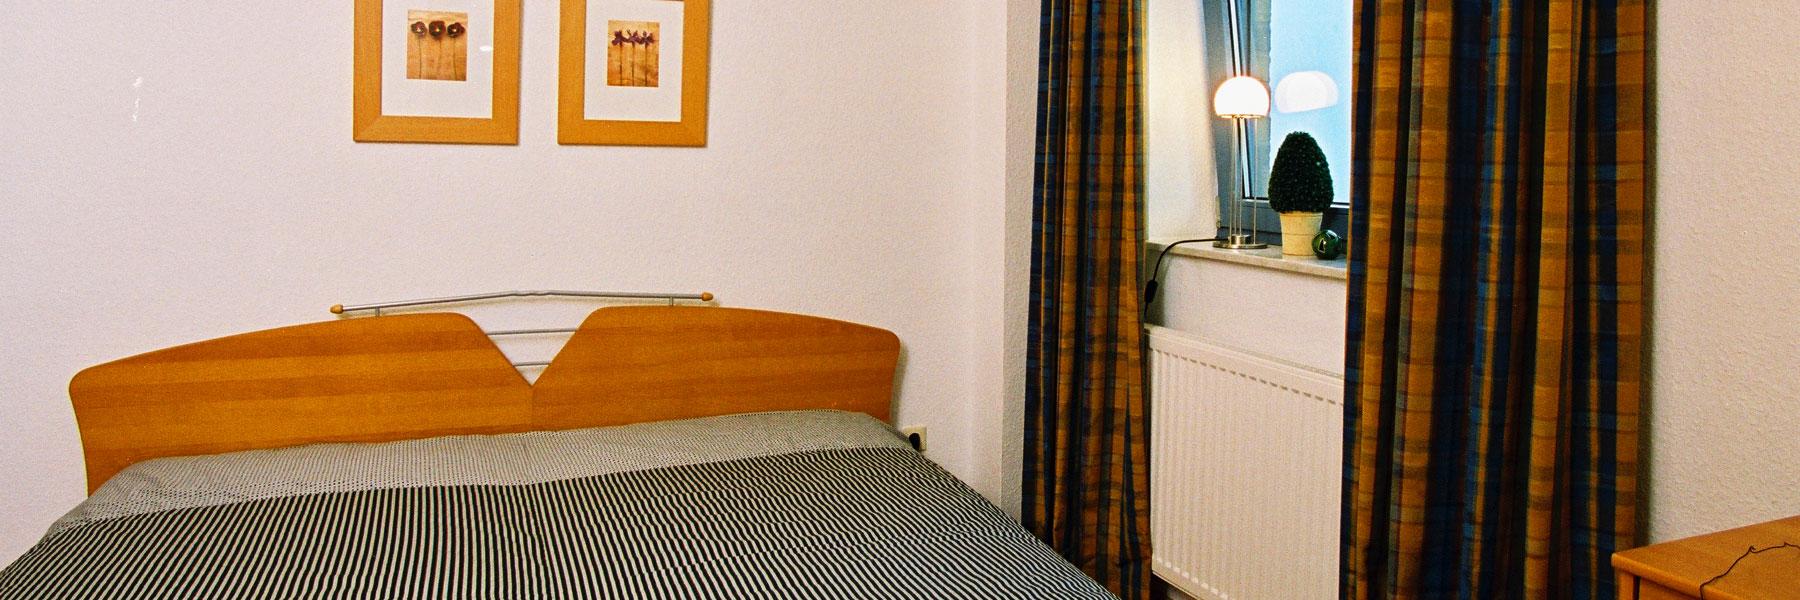 Schlafzimmer - Ferienwohnungen Zum Yachthafen